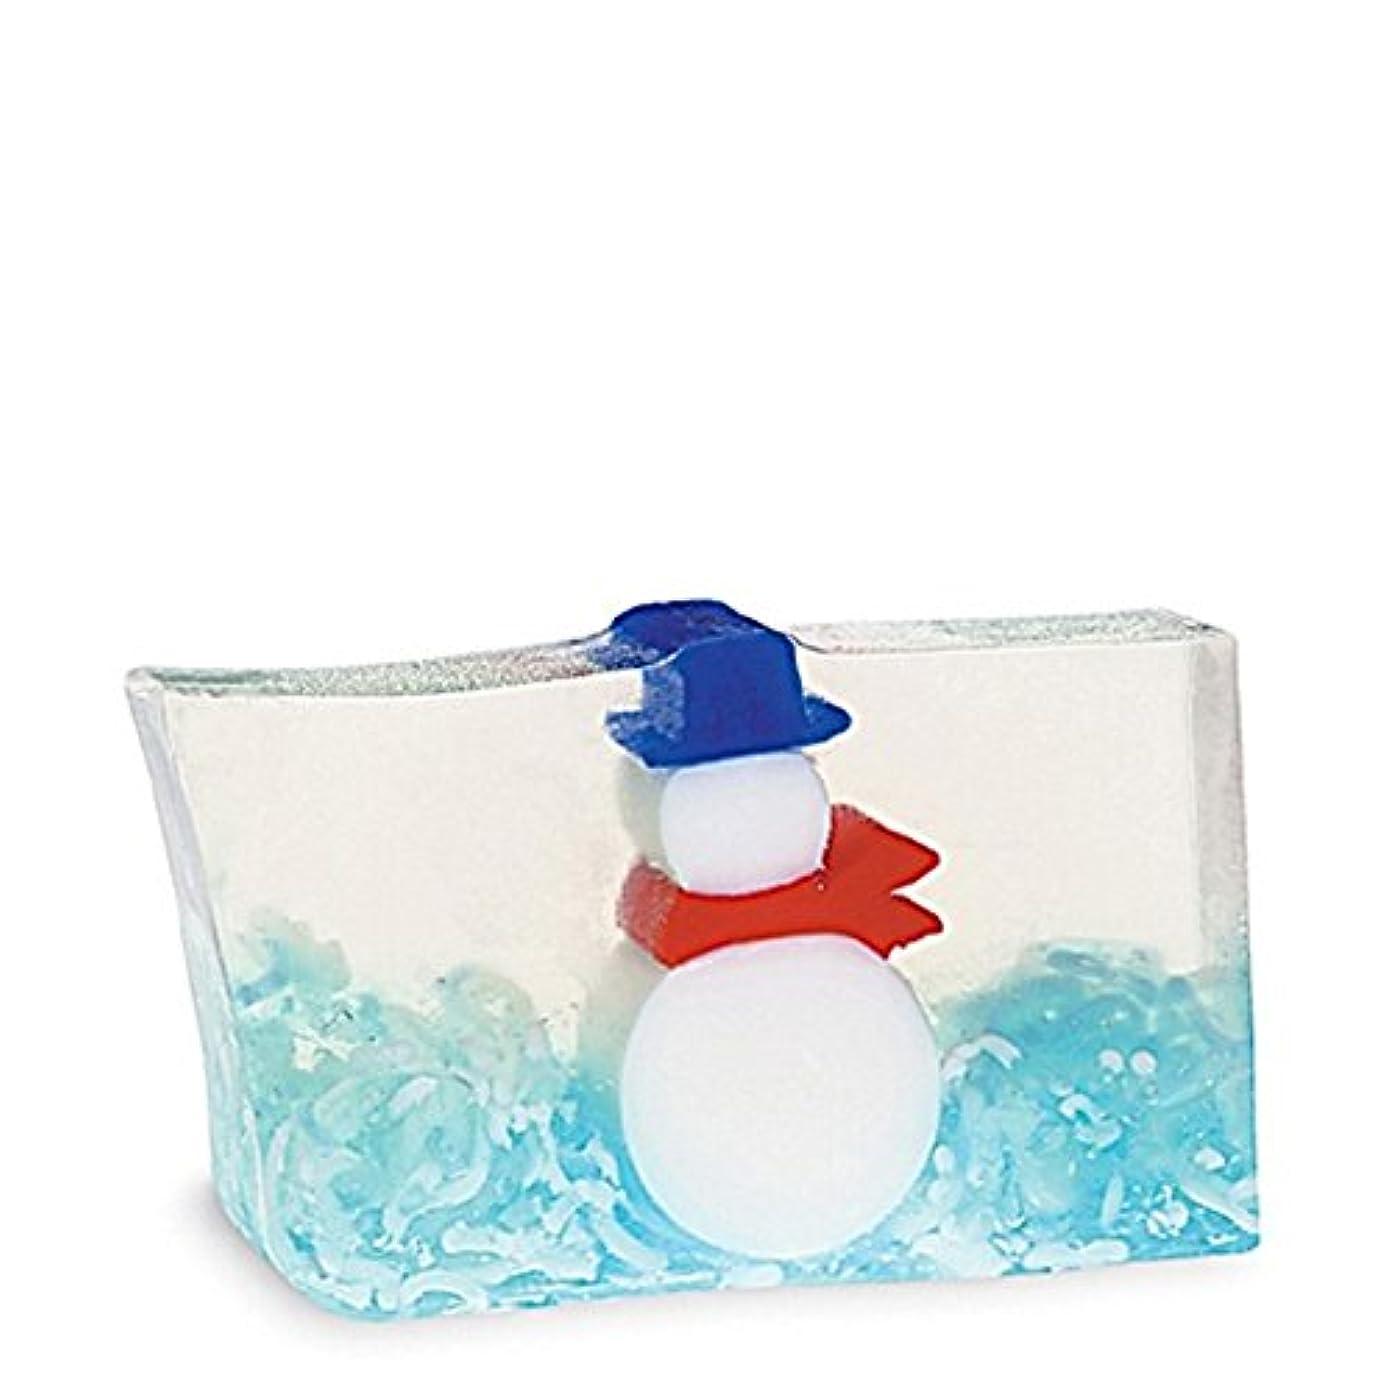 書く単位安全でない原初の要素雪だるま石鹸170グラム x2 - Primal Elements Snowman Soap 170g (Pack of 2) [並行輸入品]